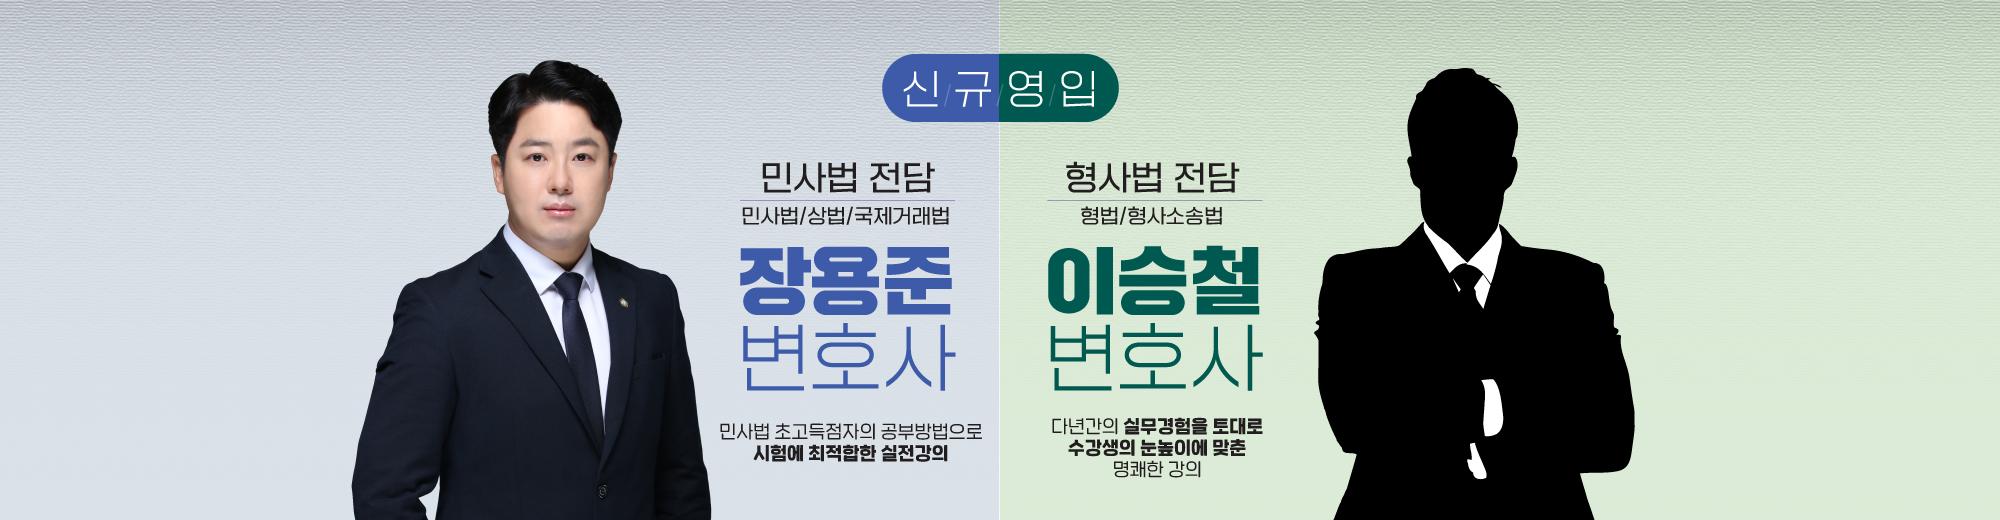 서정원 변호사 신규영입!